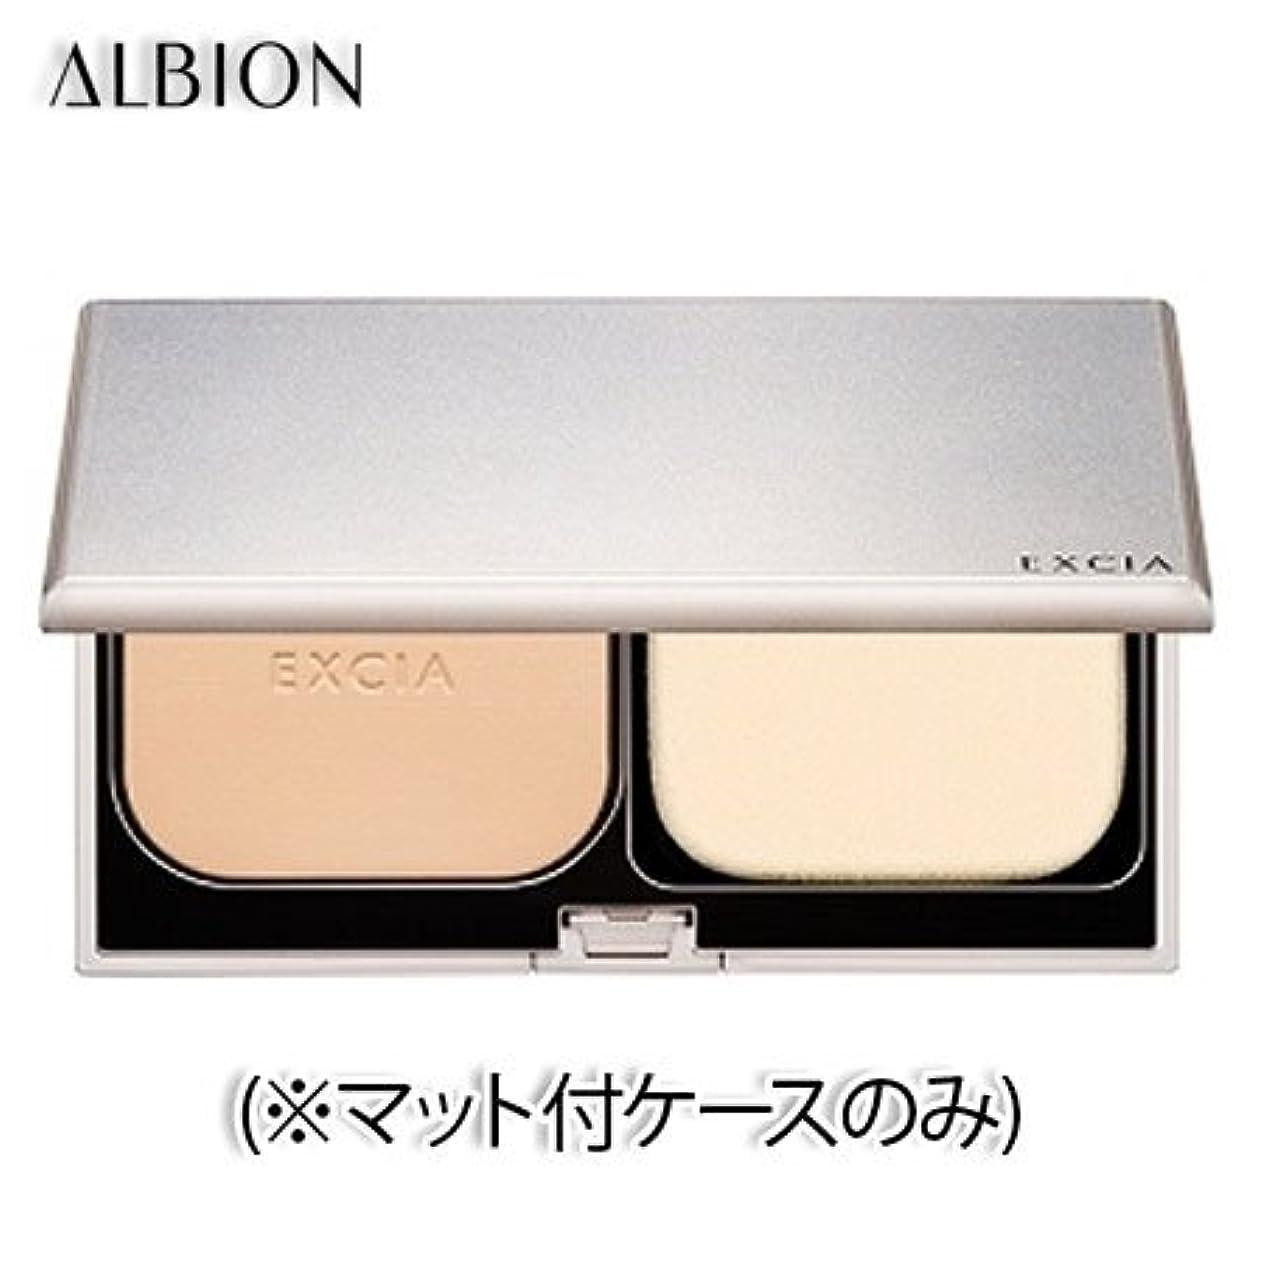 記念その他不適当アルビオン エクシア AL ホワイトプレミアムパウダー ファンデーション SPF30 PA+++ 11g 6色 (マット付ケースのみ) -ALBION-